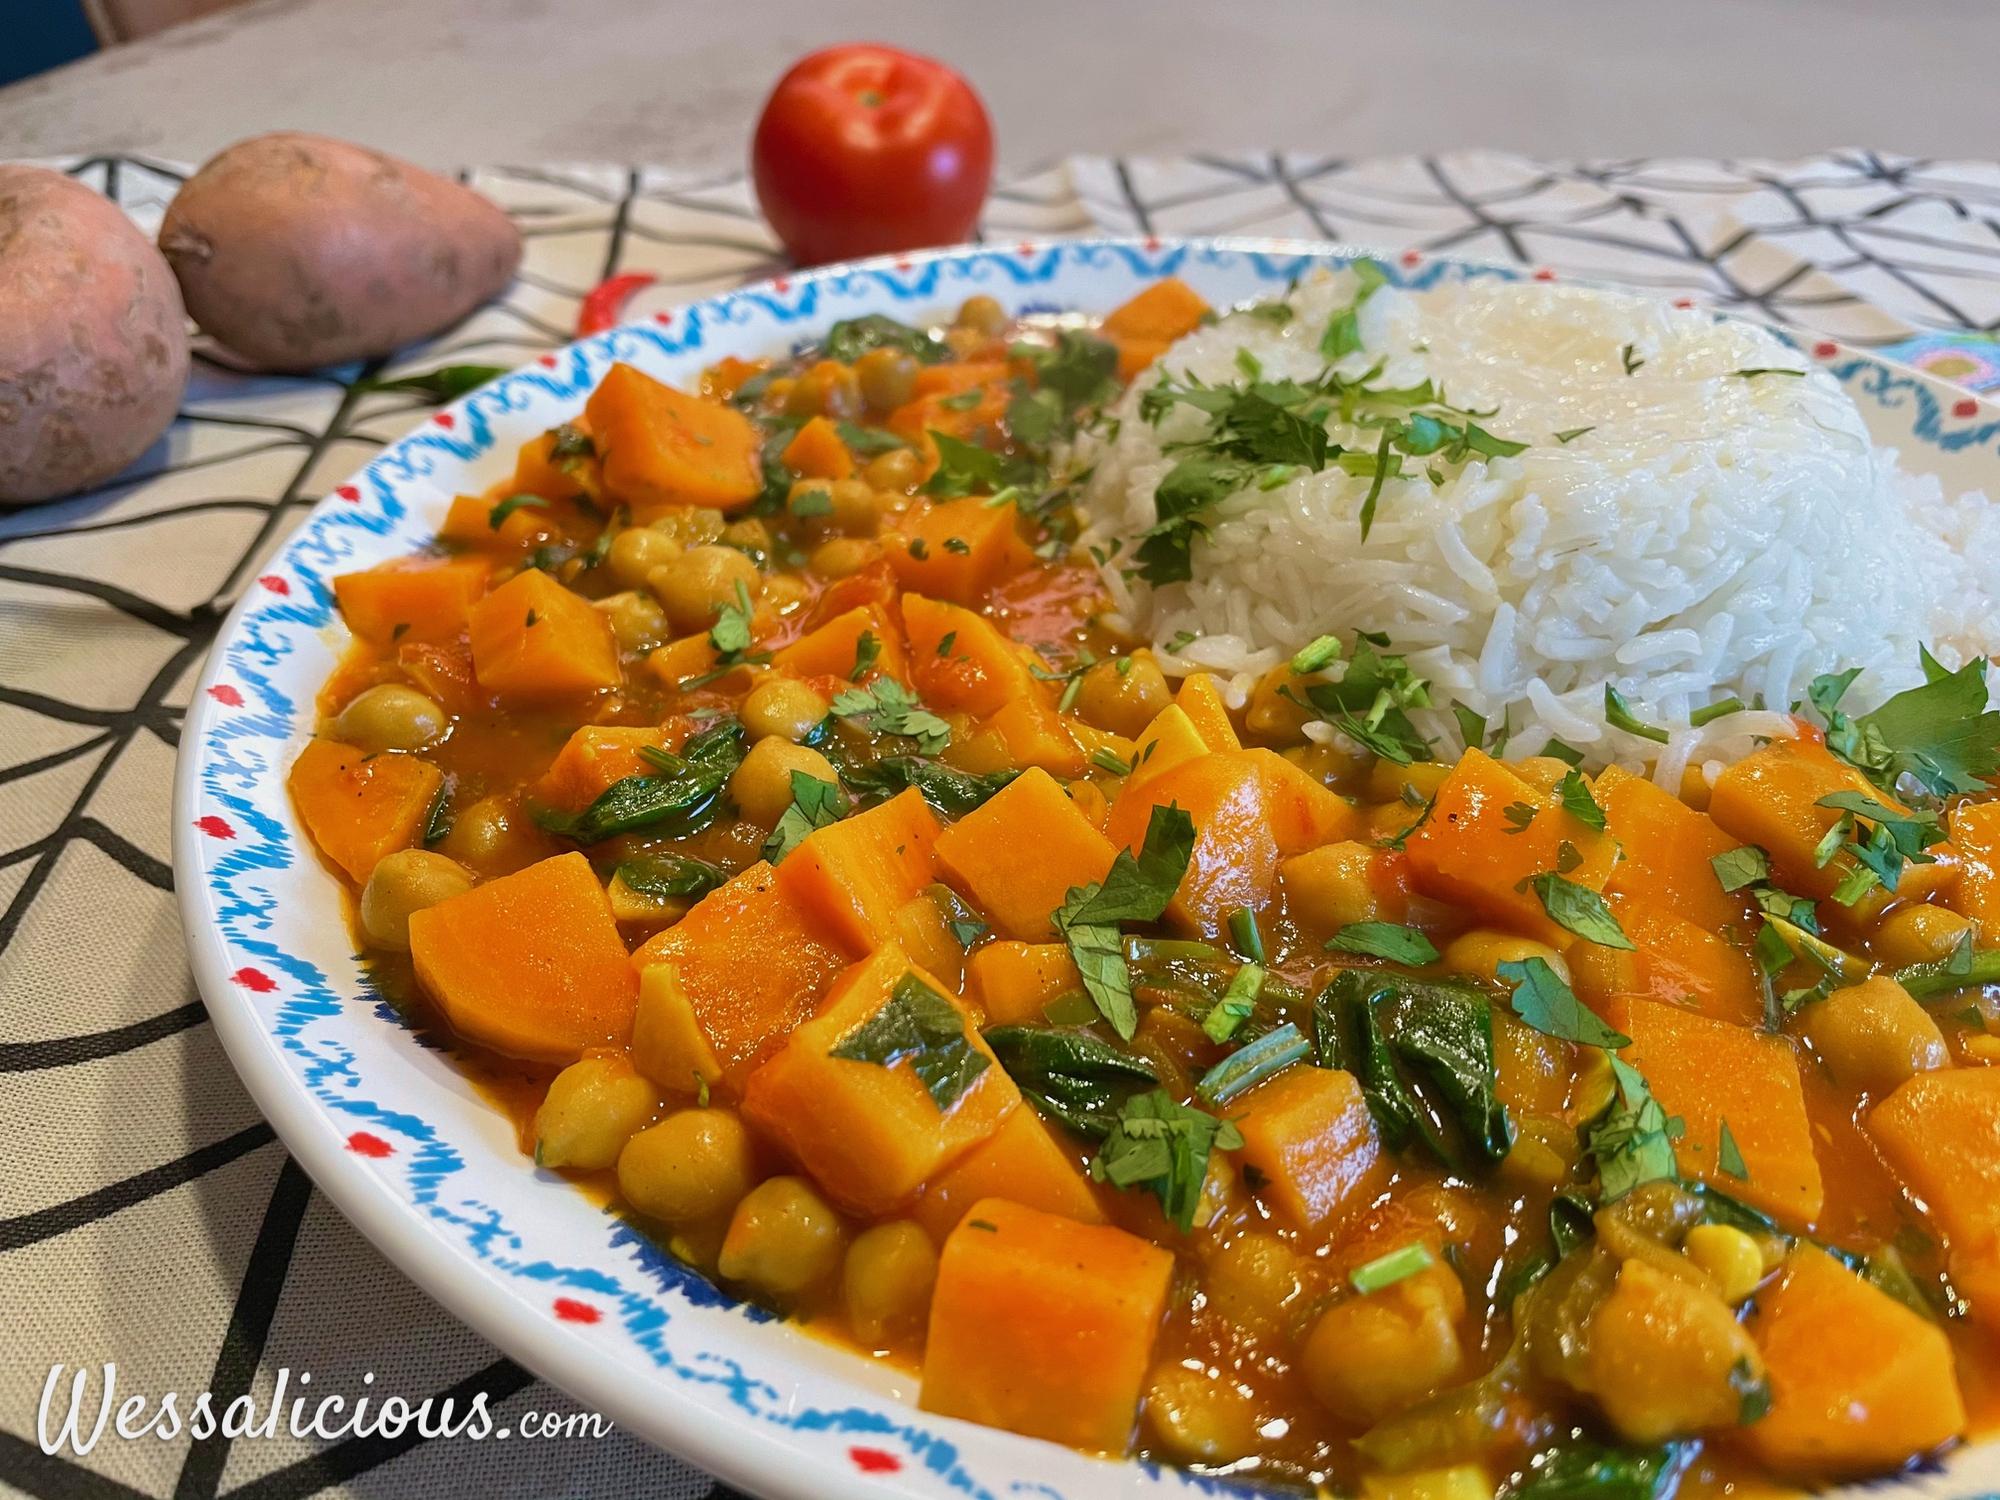 Kikkererwtencurry met zoete aardappel